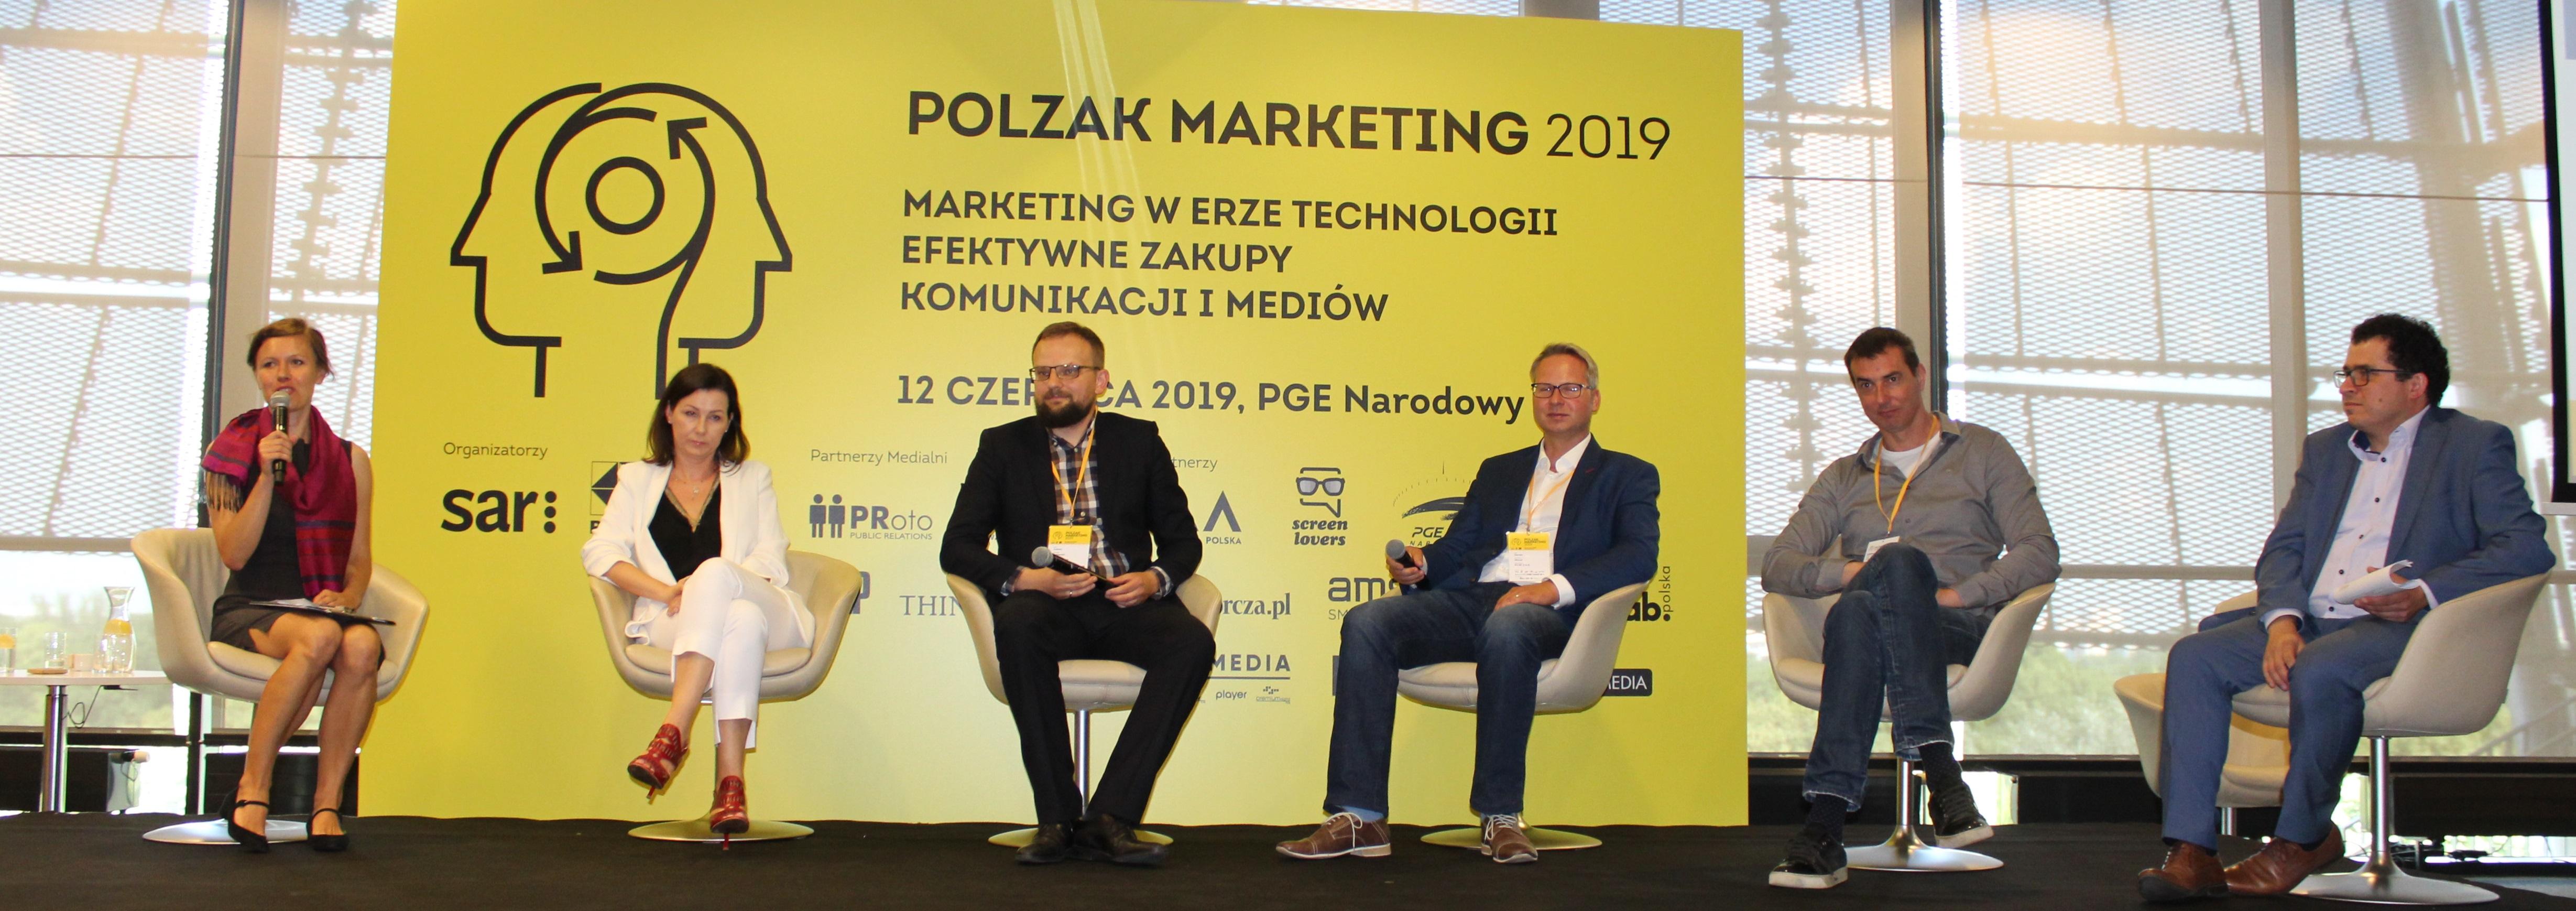 POLZAK Marketing 2019 – fotorelacja